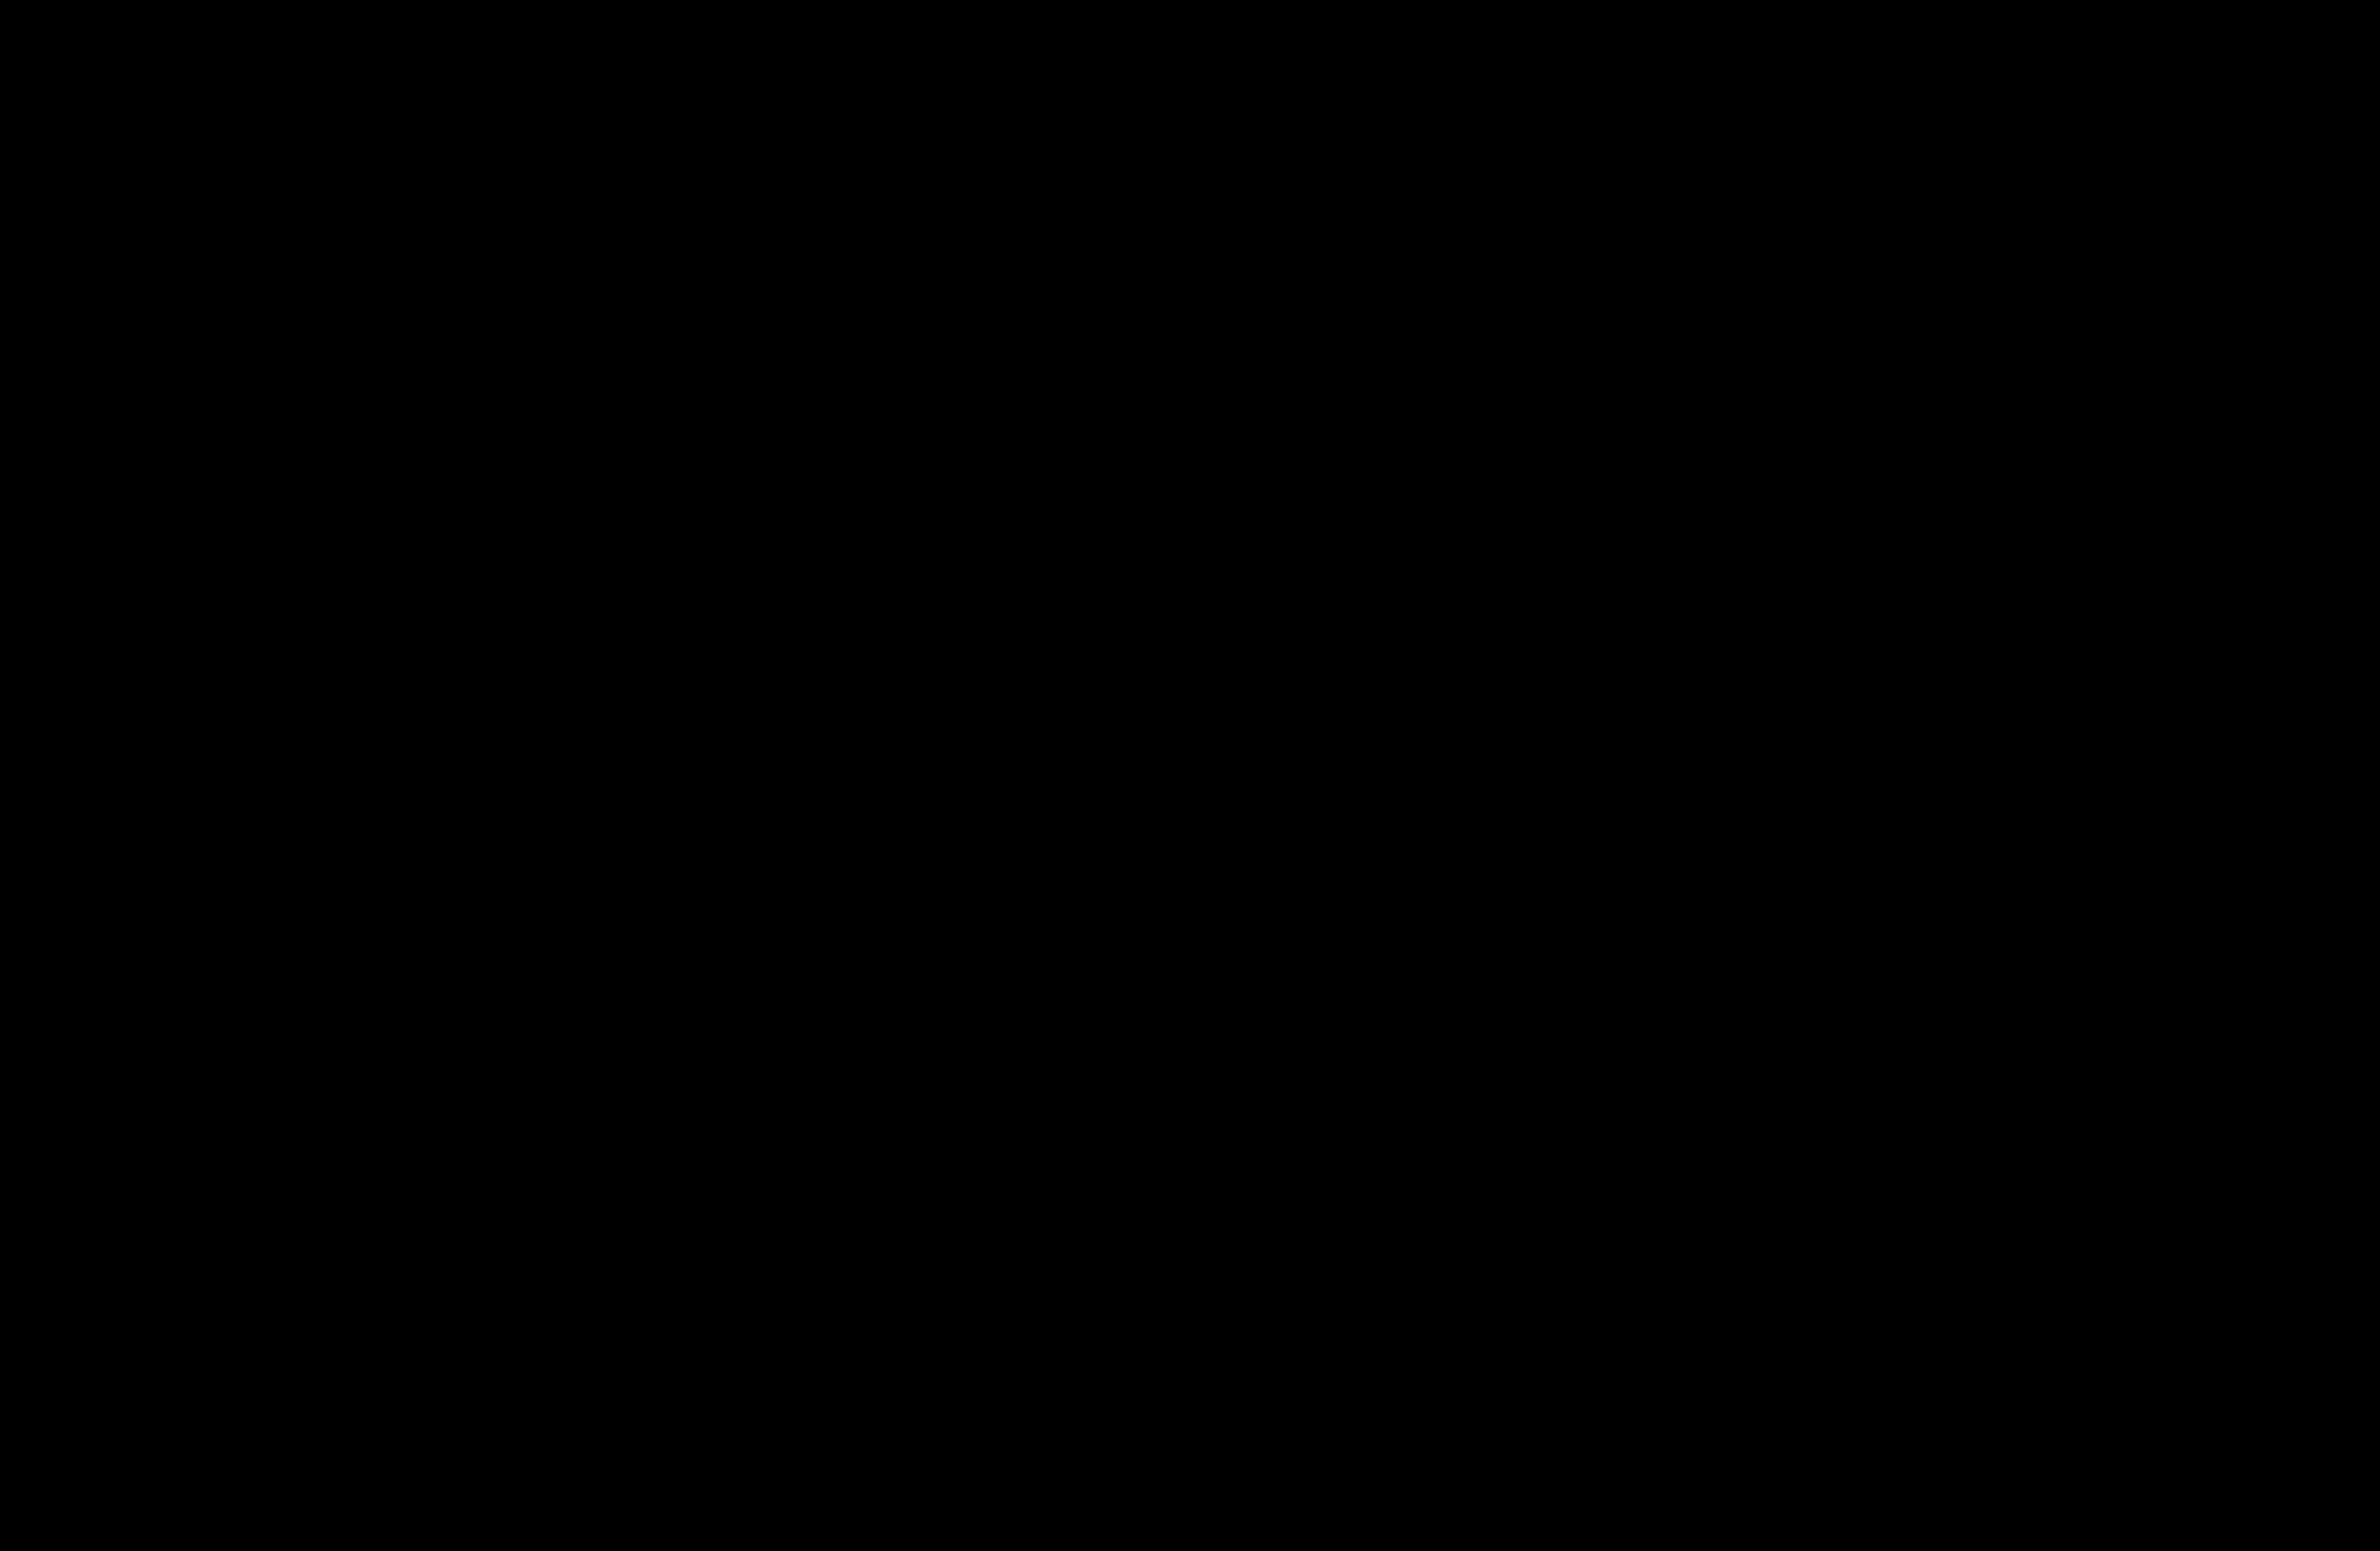 Sociedad Cooperativa eléctrica La Corriente